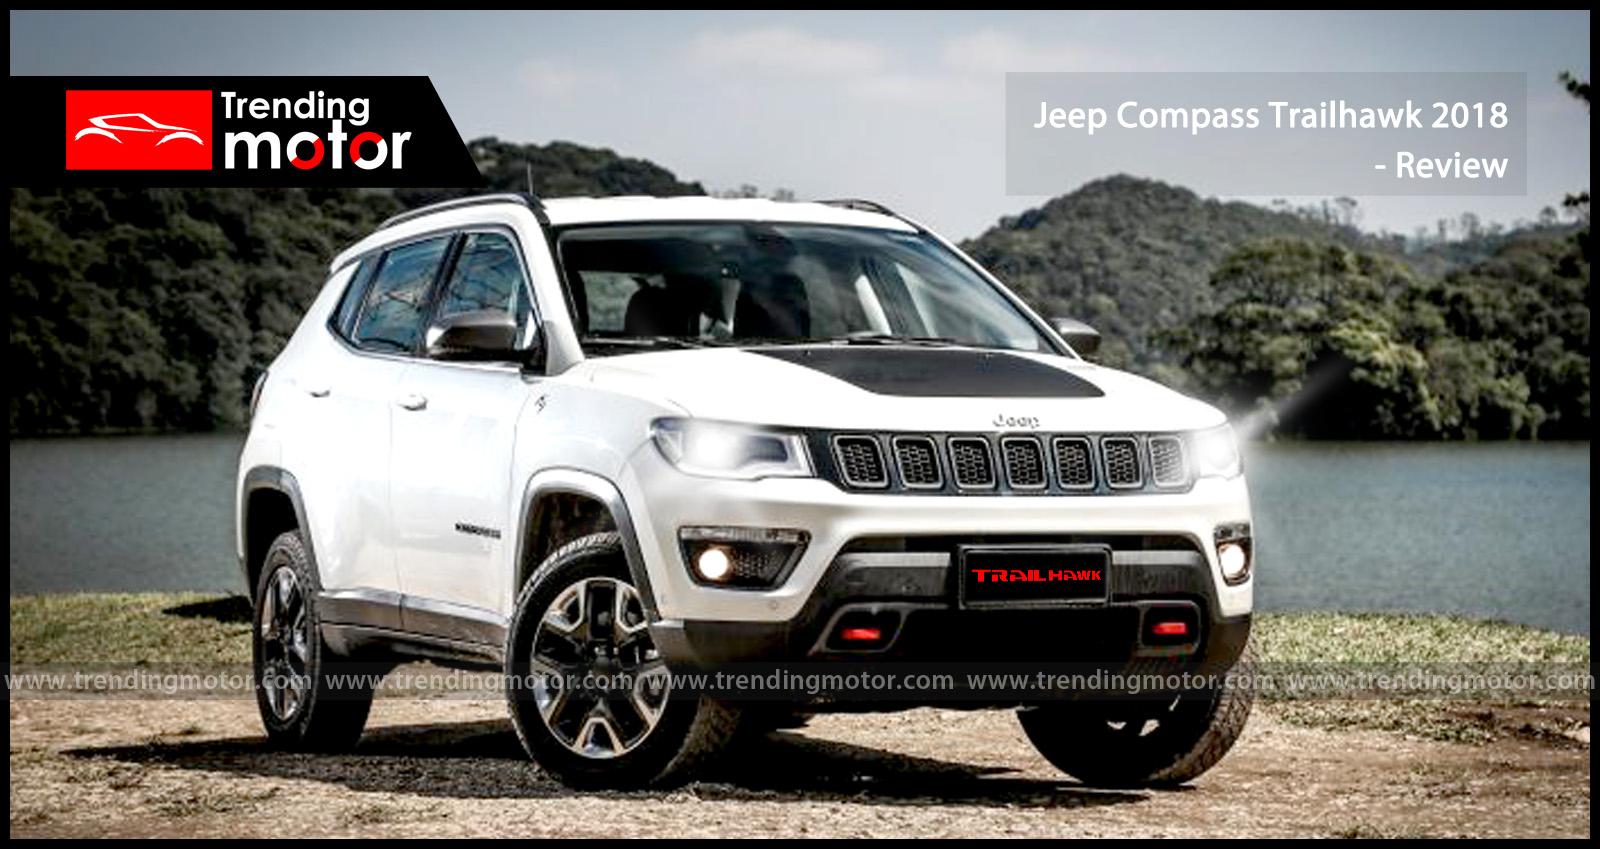 Jeep Comp Trailhawk 2018 Review